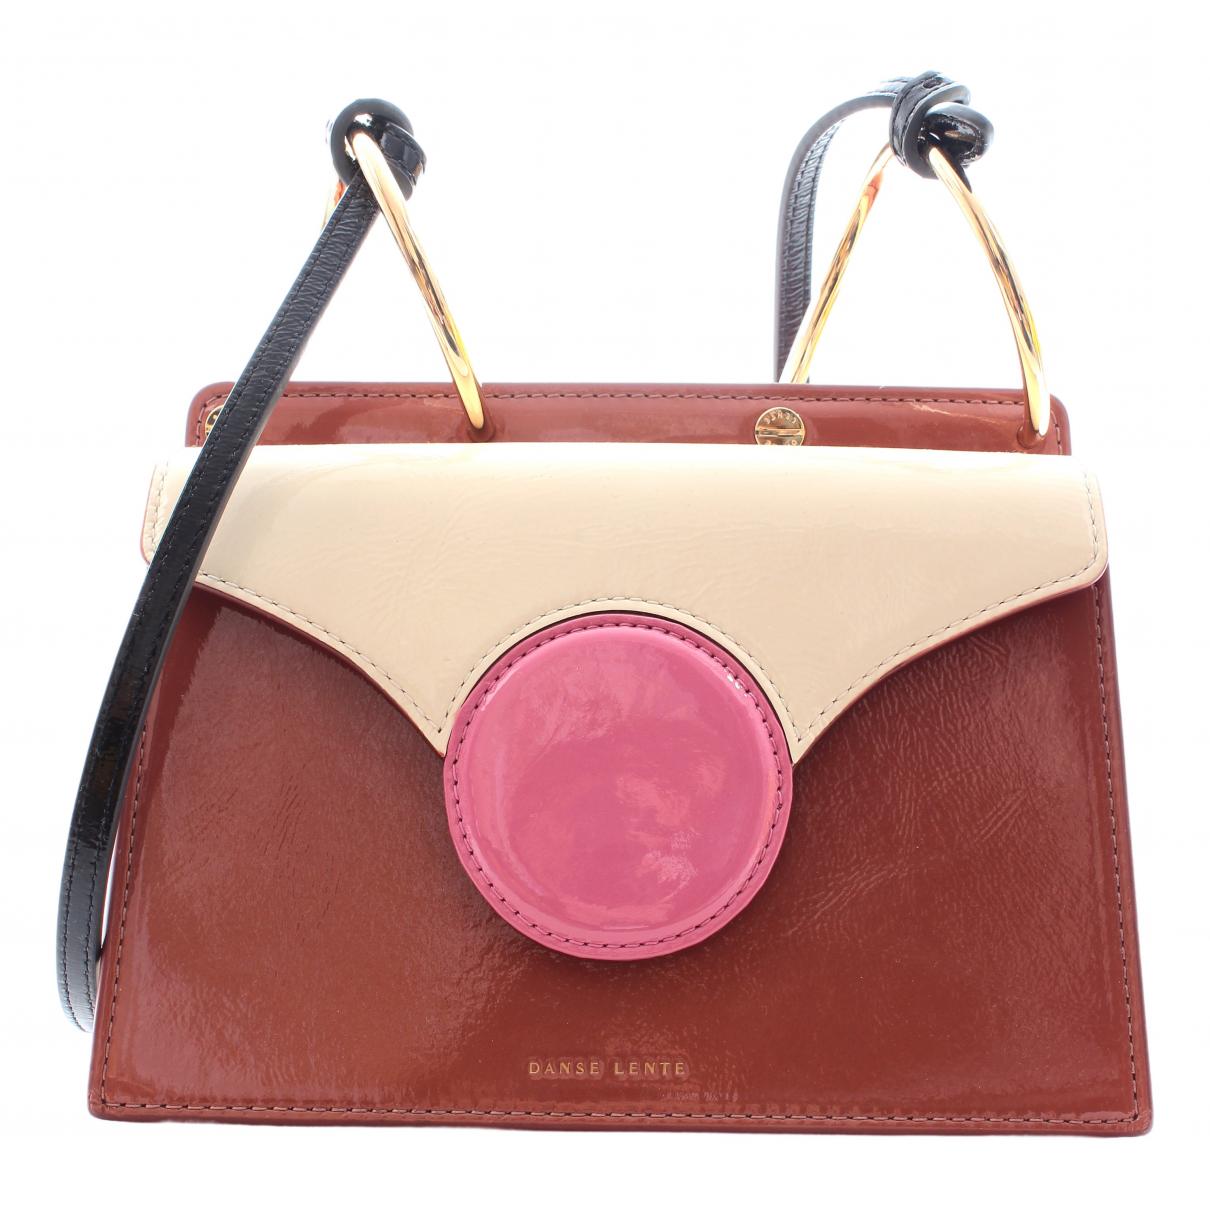 Danse Lente \N Multicolour Patent leather handbag for Women \N